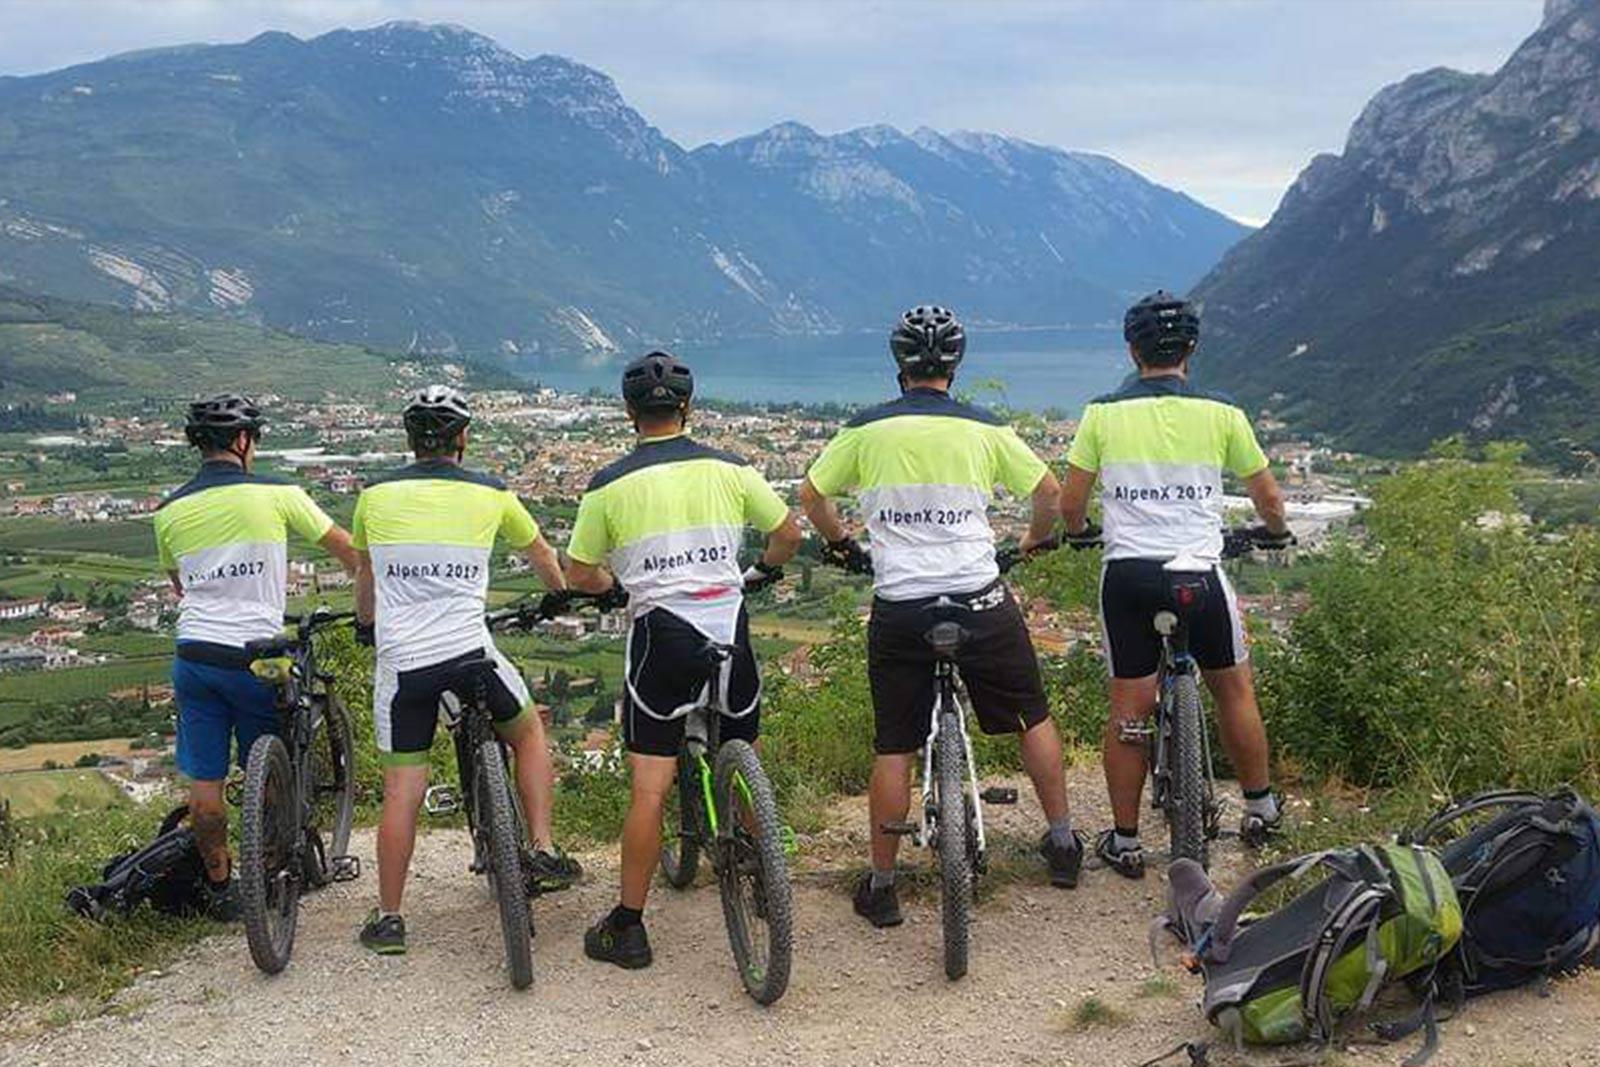 Fünf Männer auf Mountainbikes schauen auf ein Tal mit See und Bergpanorama.